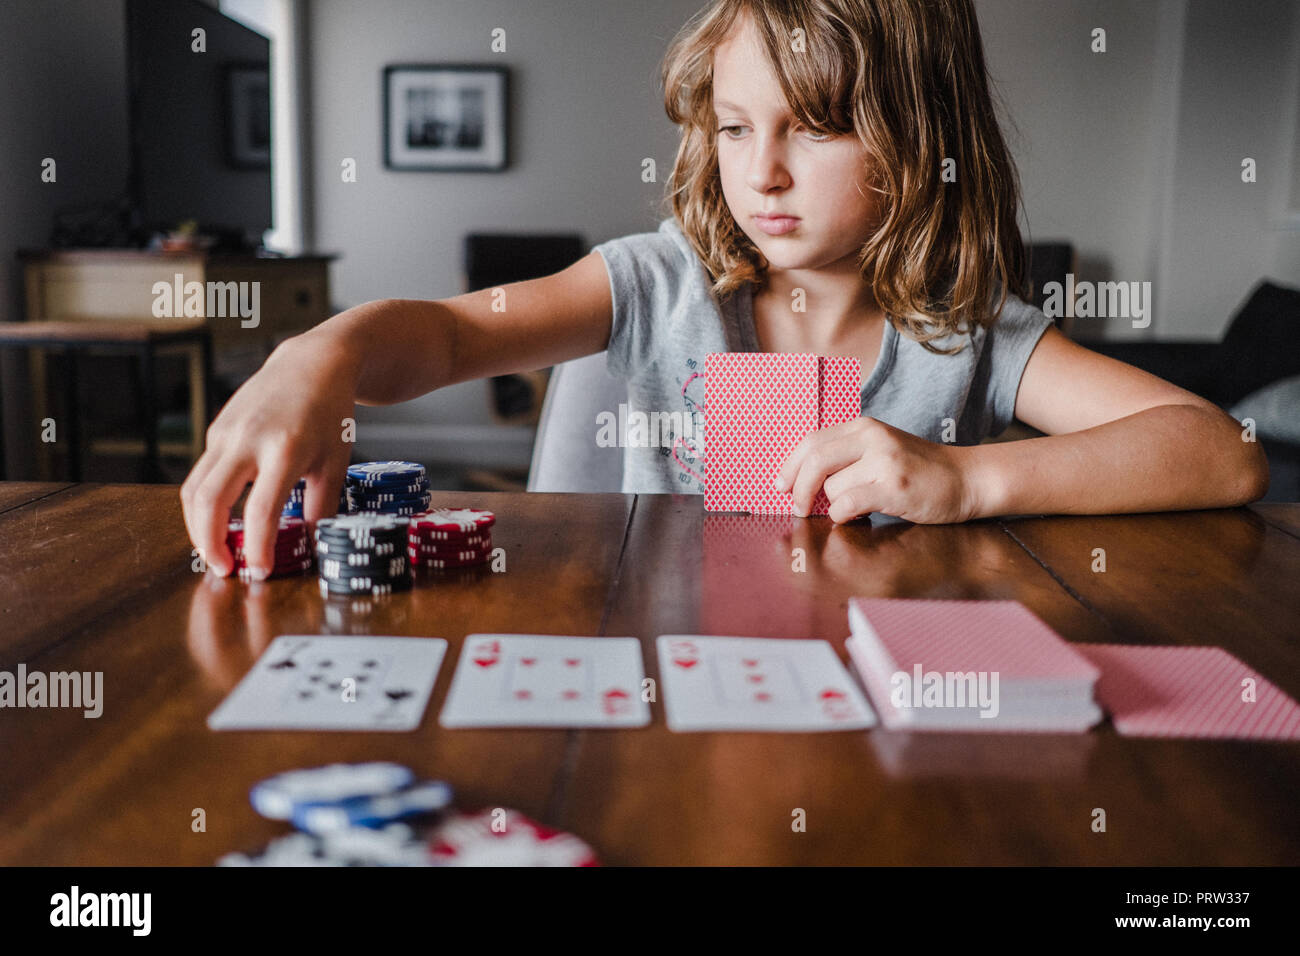 Cartes de jeu de fille à table, l'empilement des jetons Banque D'Images